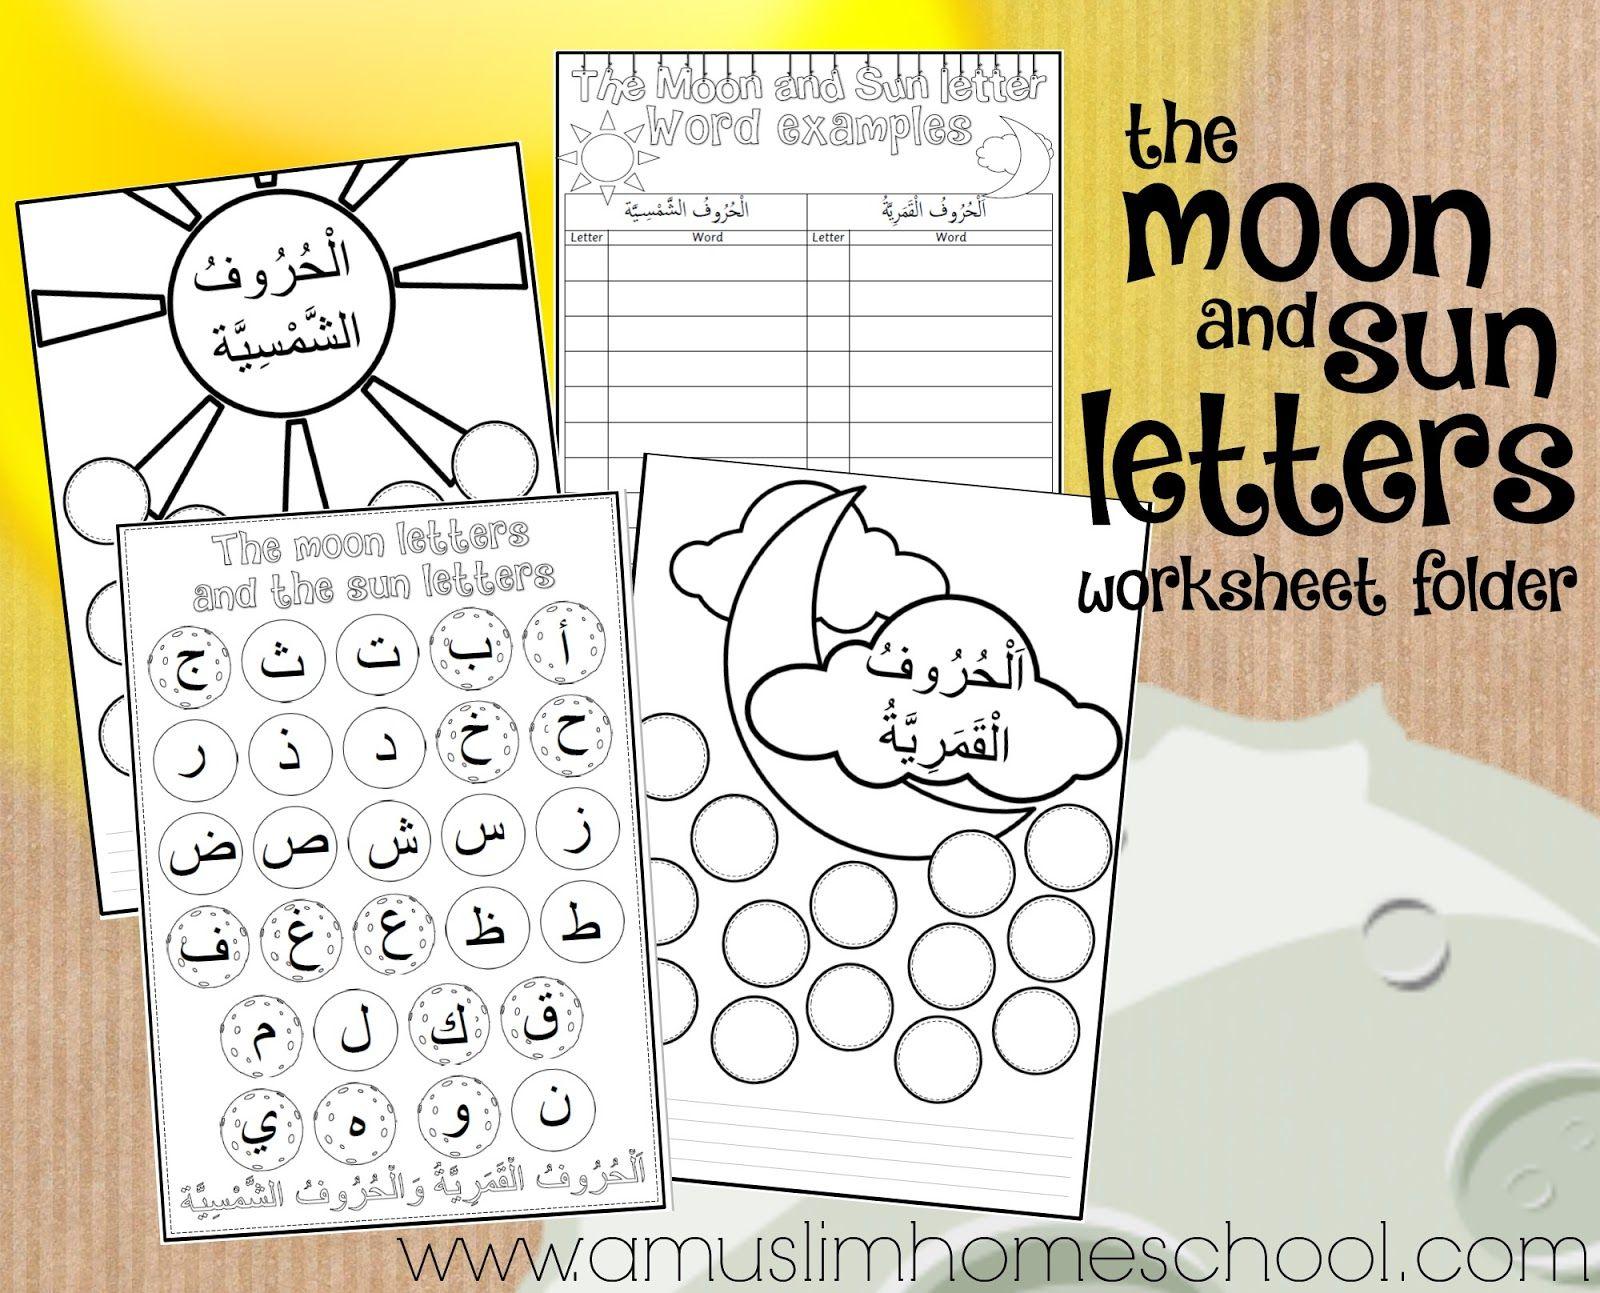 Printable Moon And Sun Letter Worksheet Folder For Kids